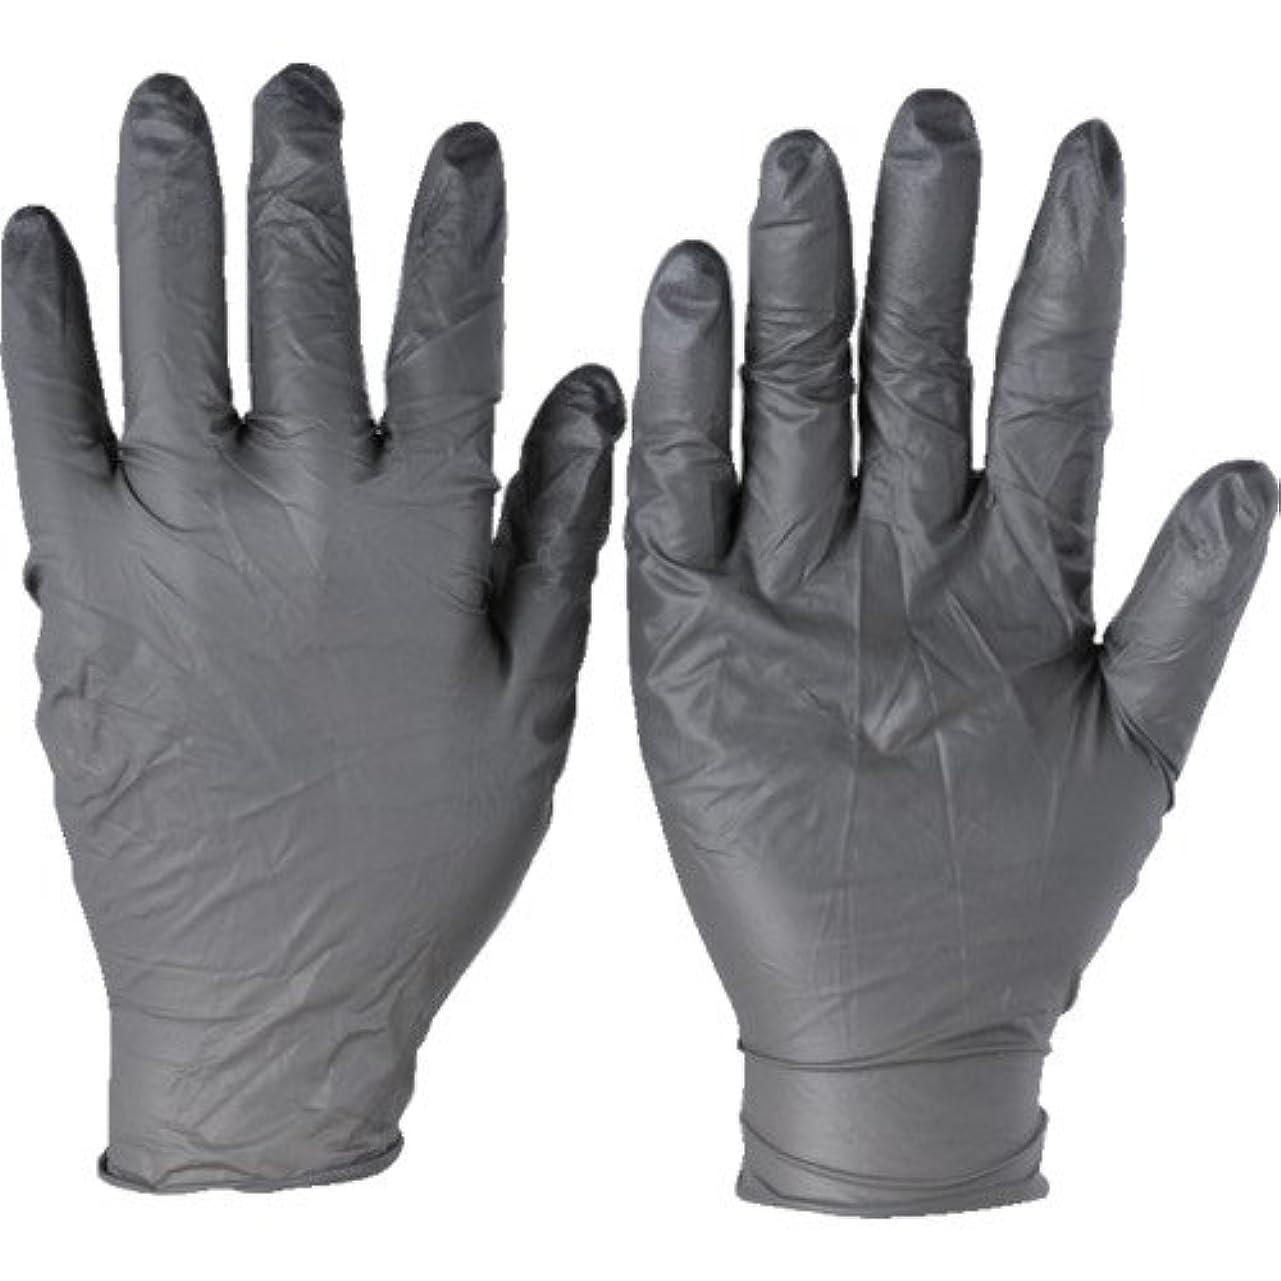 防衛と遊ぶ予報トラスコ中山 アンセル ニトリルゴム使い捨て手袋 タッチエヌタフ 粉無 Sサイズ 100枚入 932507